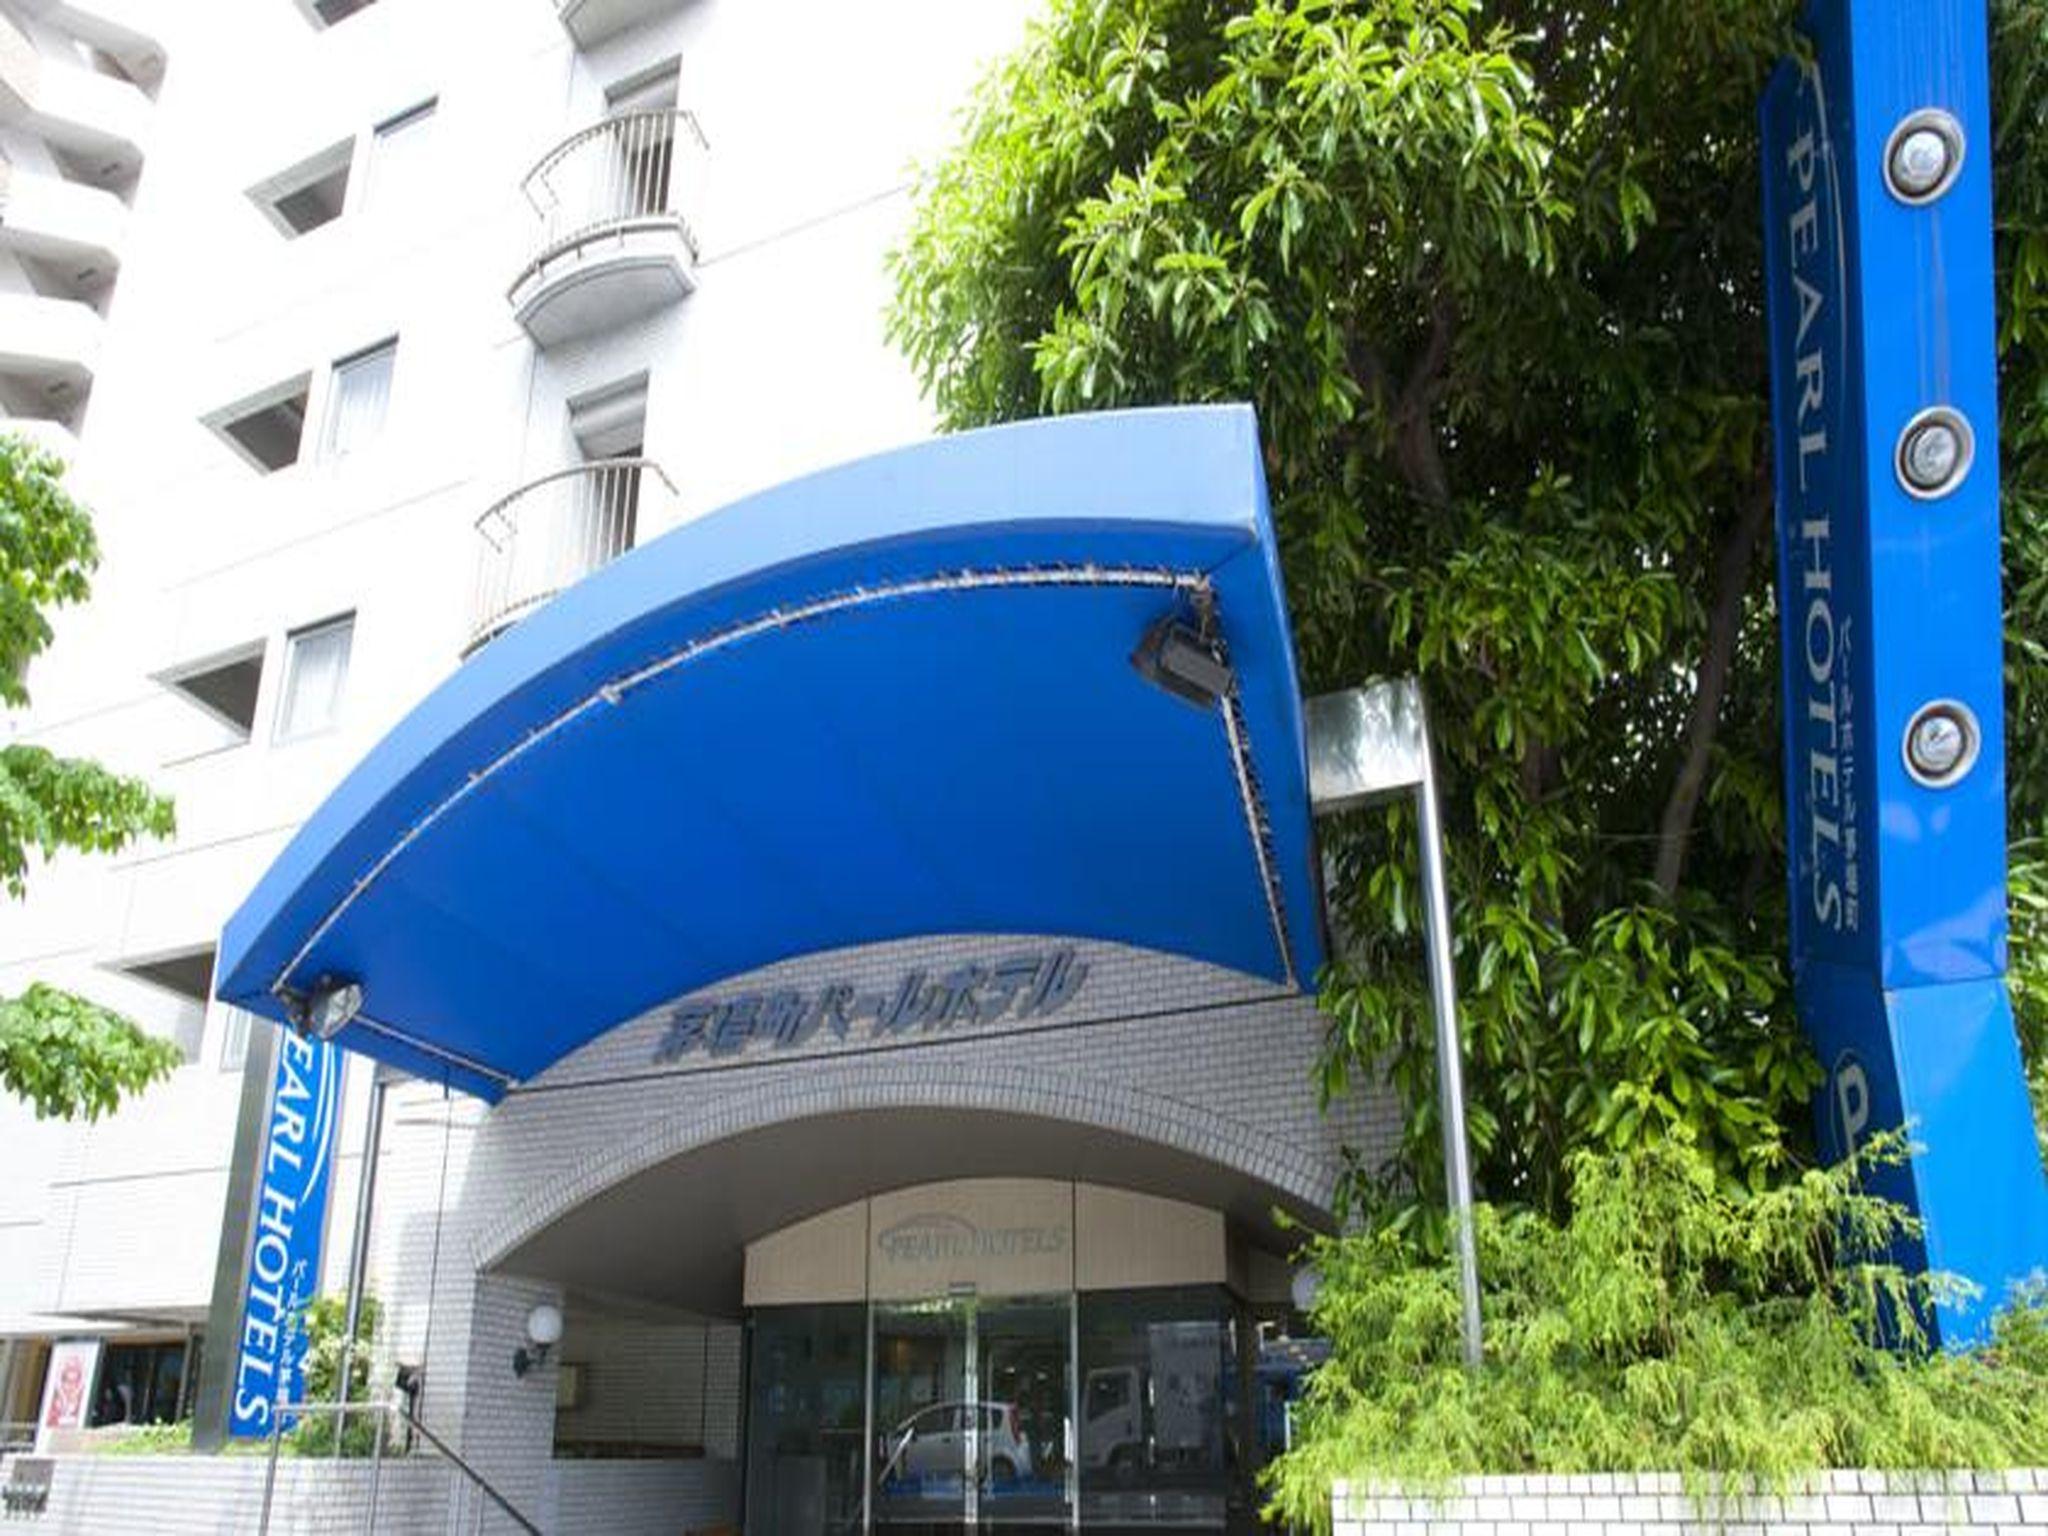 Pearl Hotel Kayabacho, Chūō